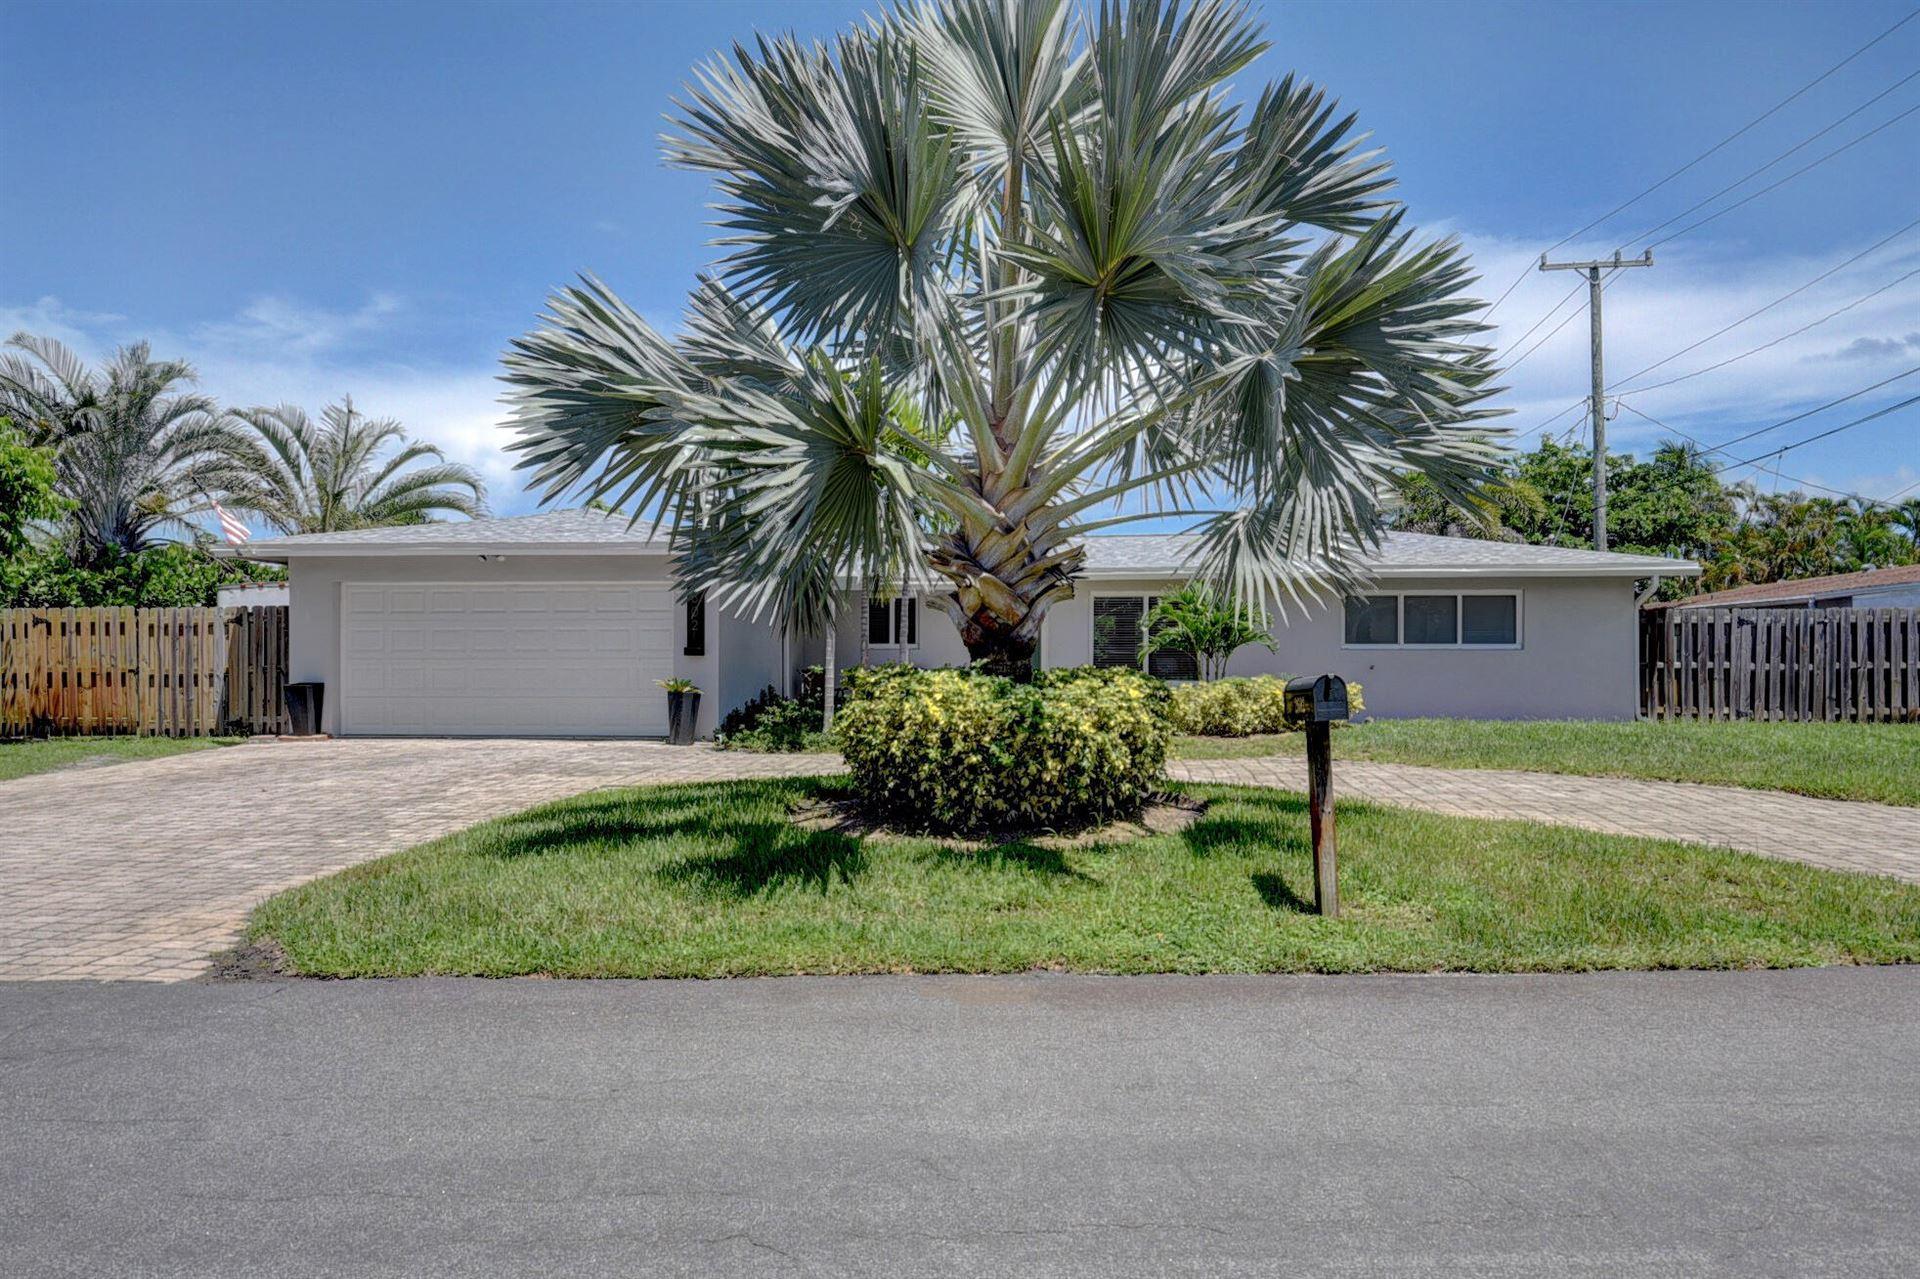 2602 SW 8th Street, Boynton Beach, FL 33435 - #: RX-10737880